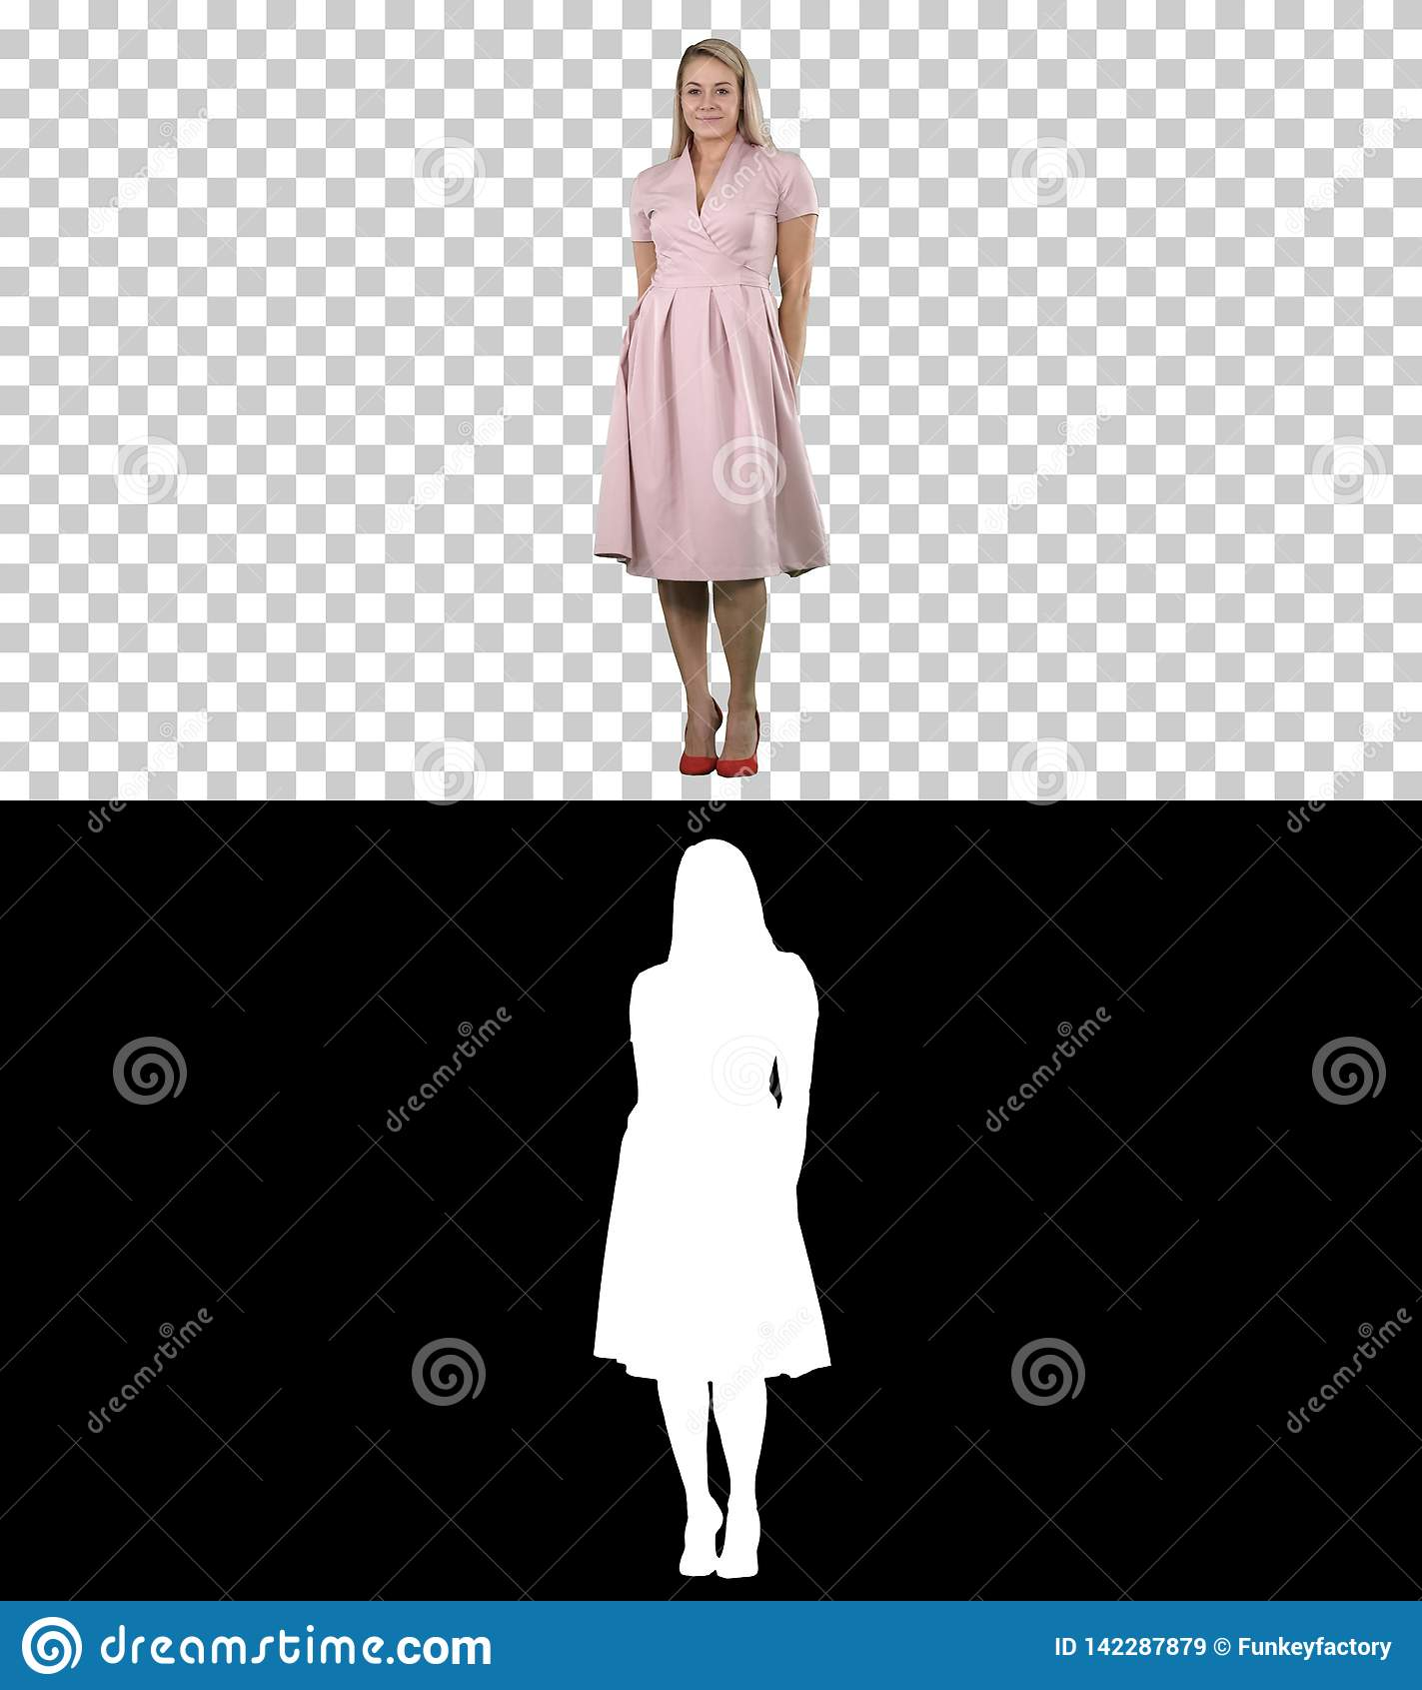 Beautiful lady in pink dress preen, Alpha Channel